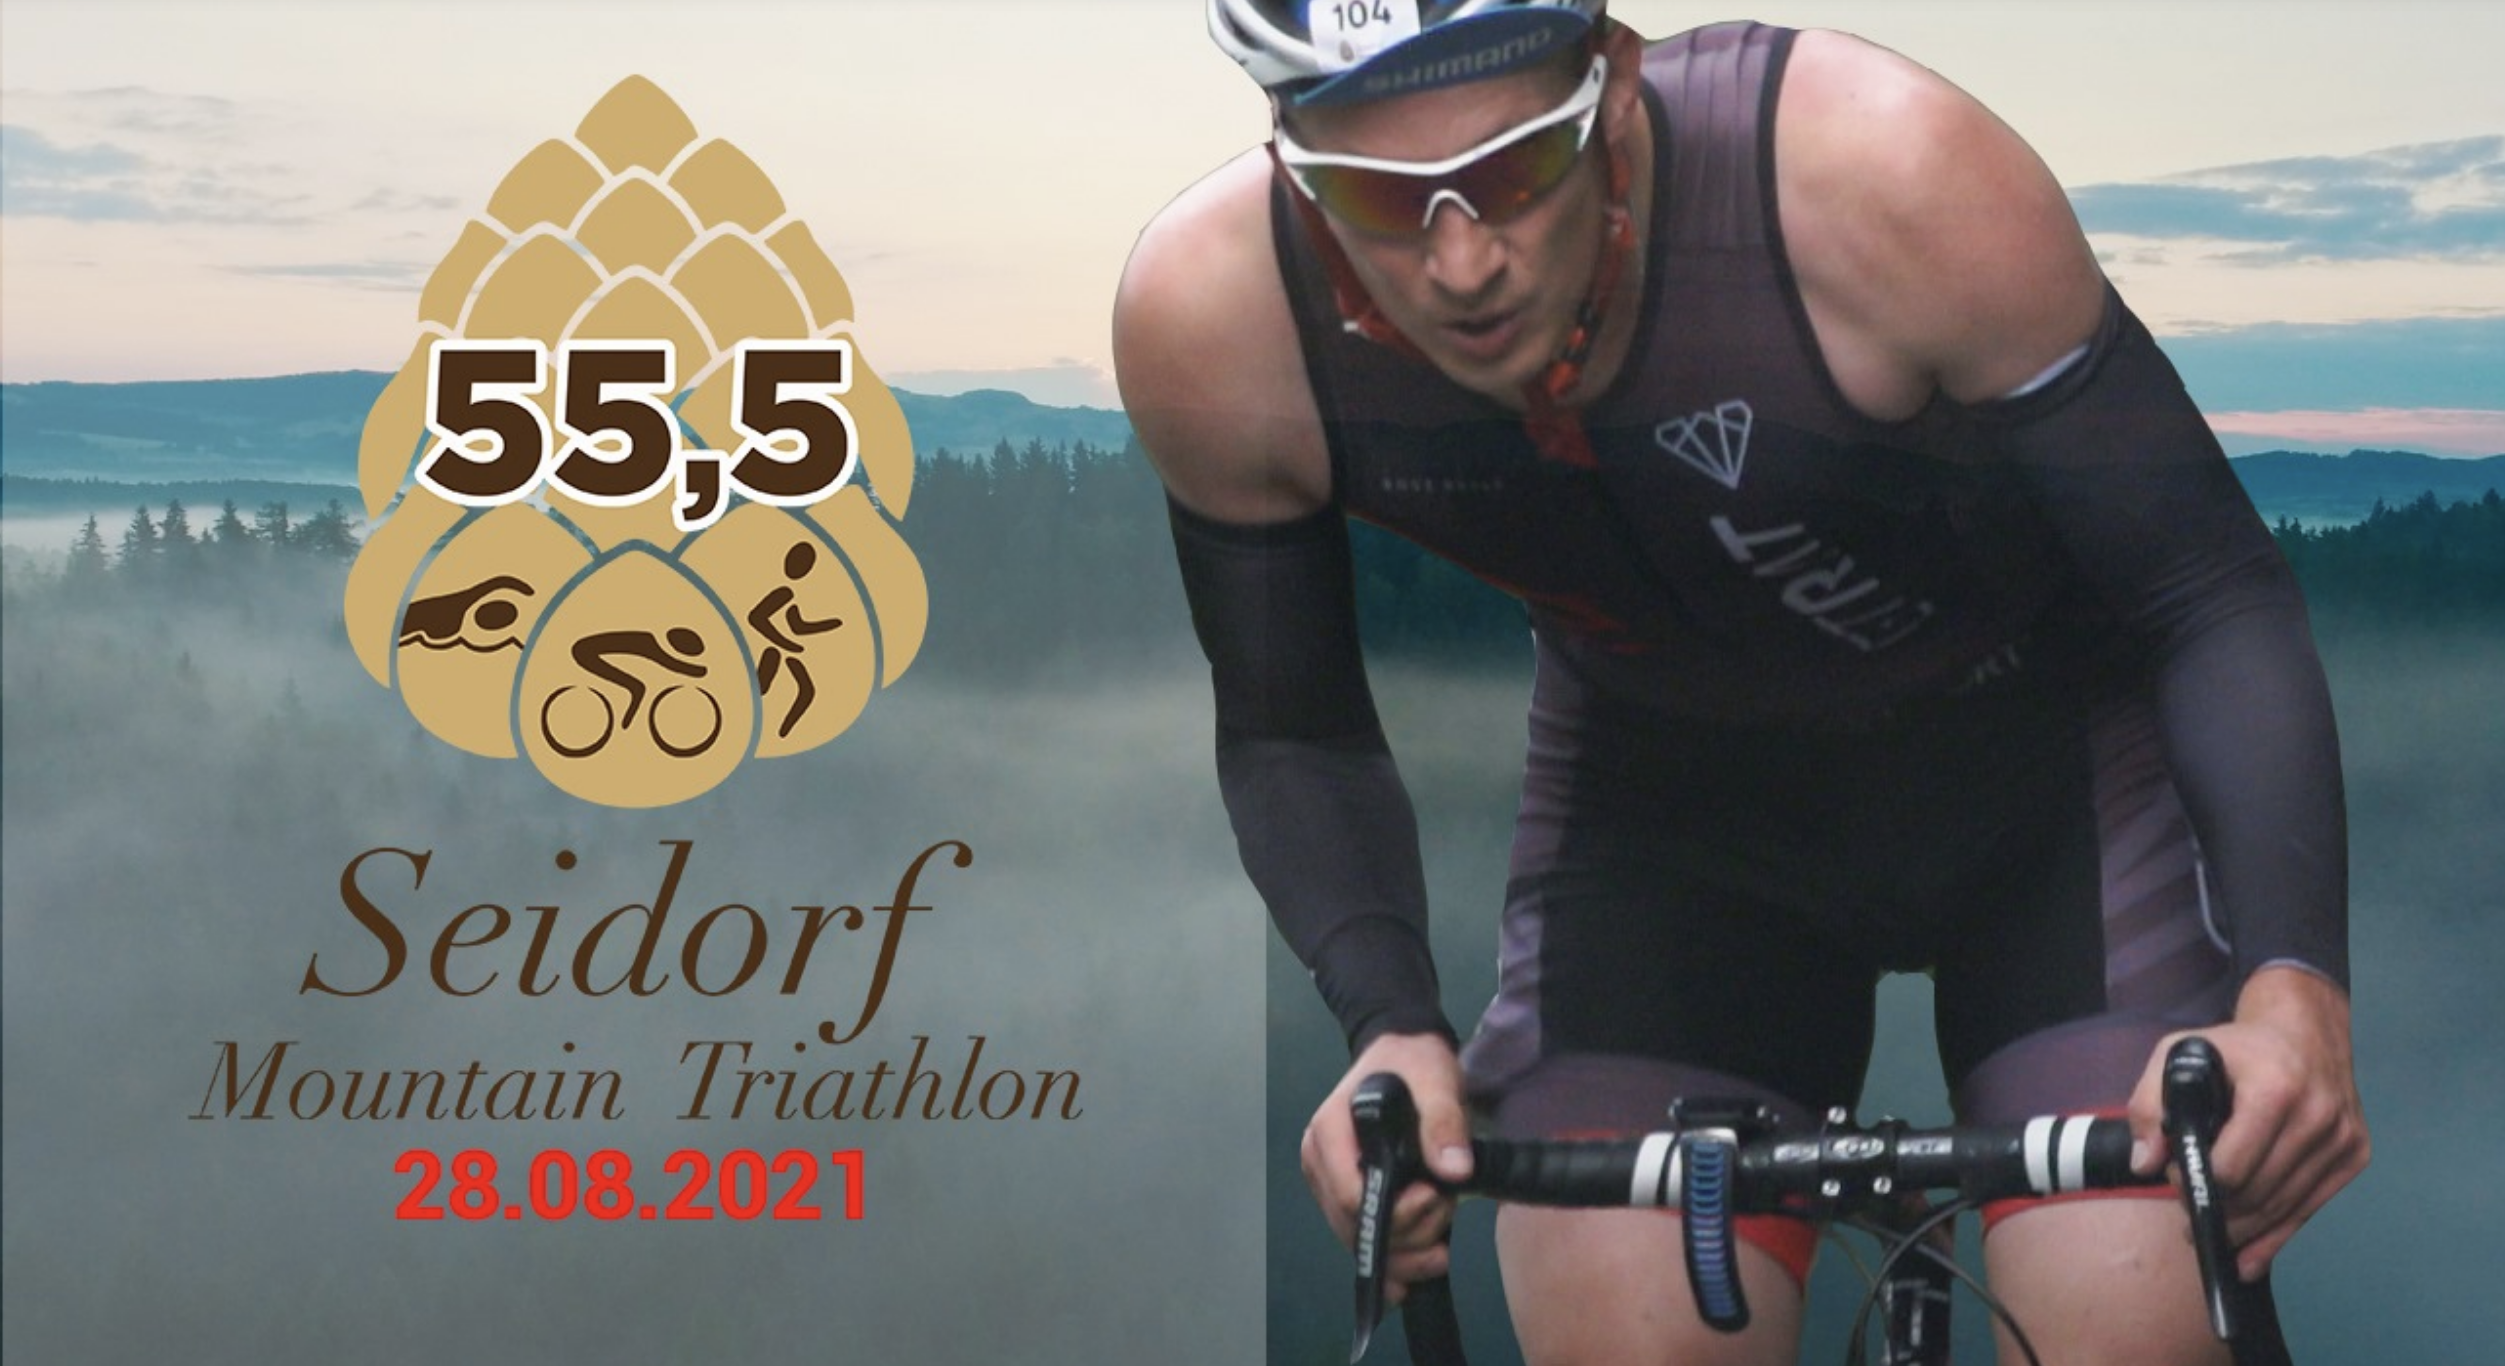 Logo Zawodów Seidorf Mountain Triathlon Wojanów - Sosnówka 2021